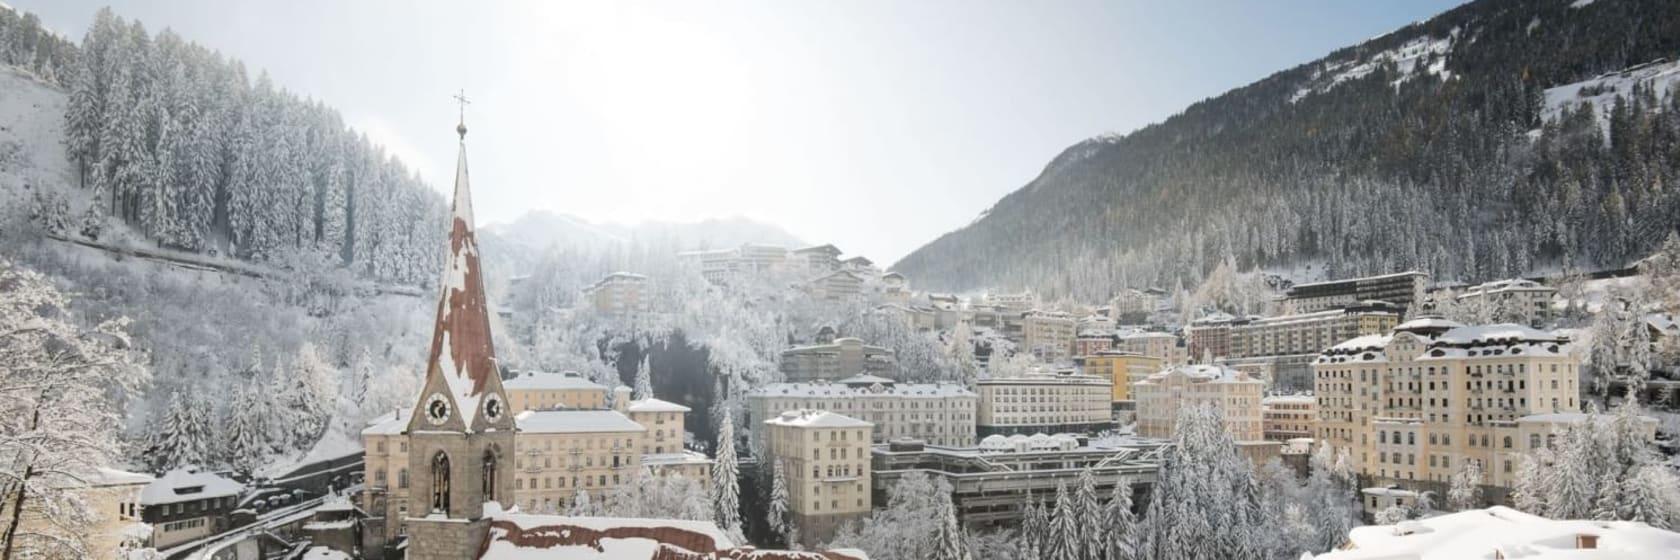 Hoteller med sne på taget i bjergene ved Sestriere